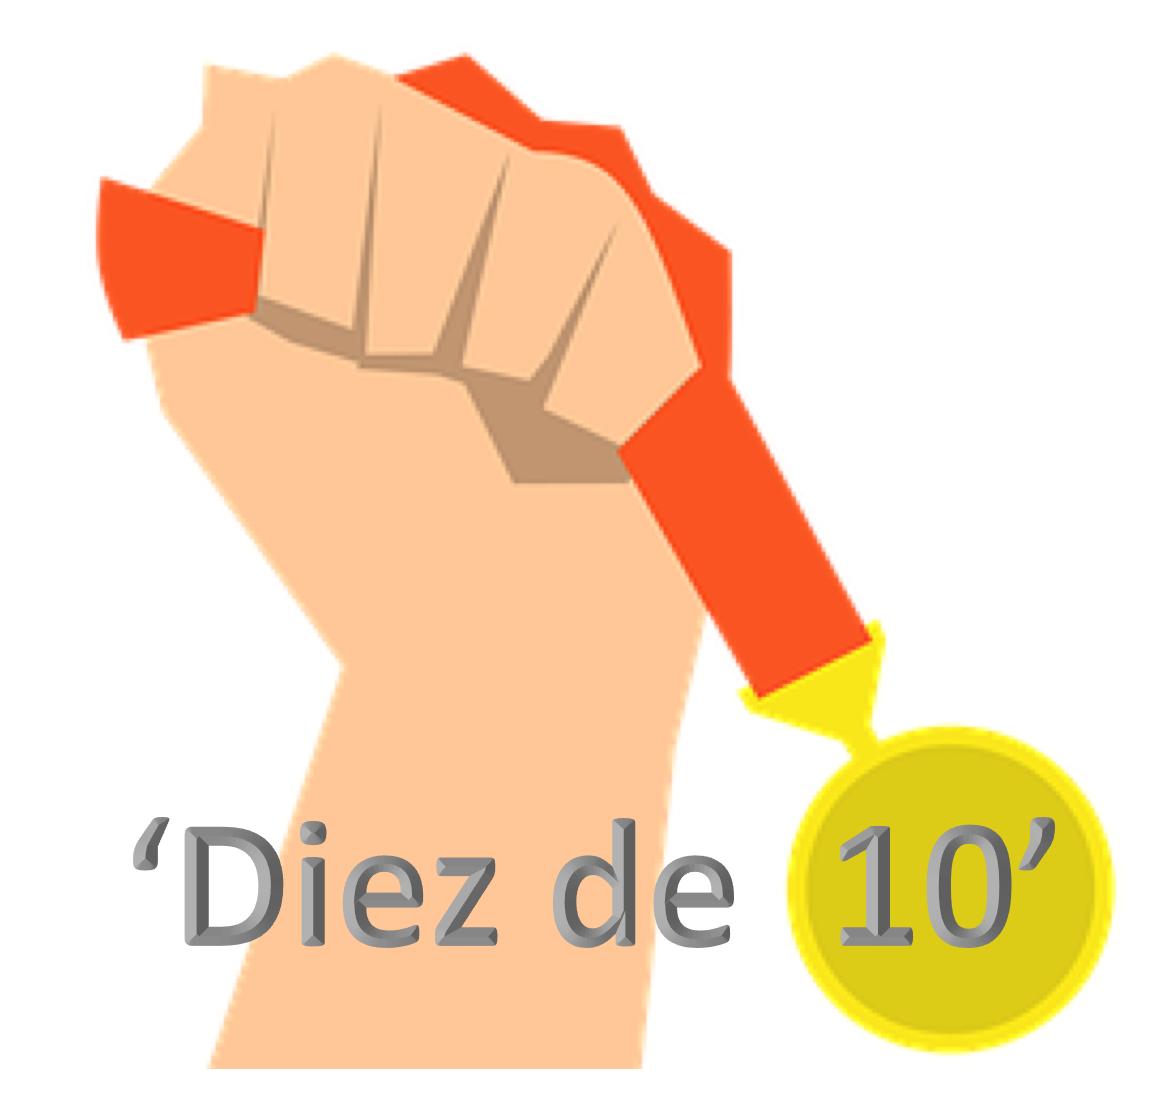 ´Diez de 10´- Colegio Castilla - jupsin.com - acoso escolar